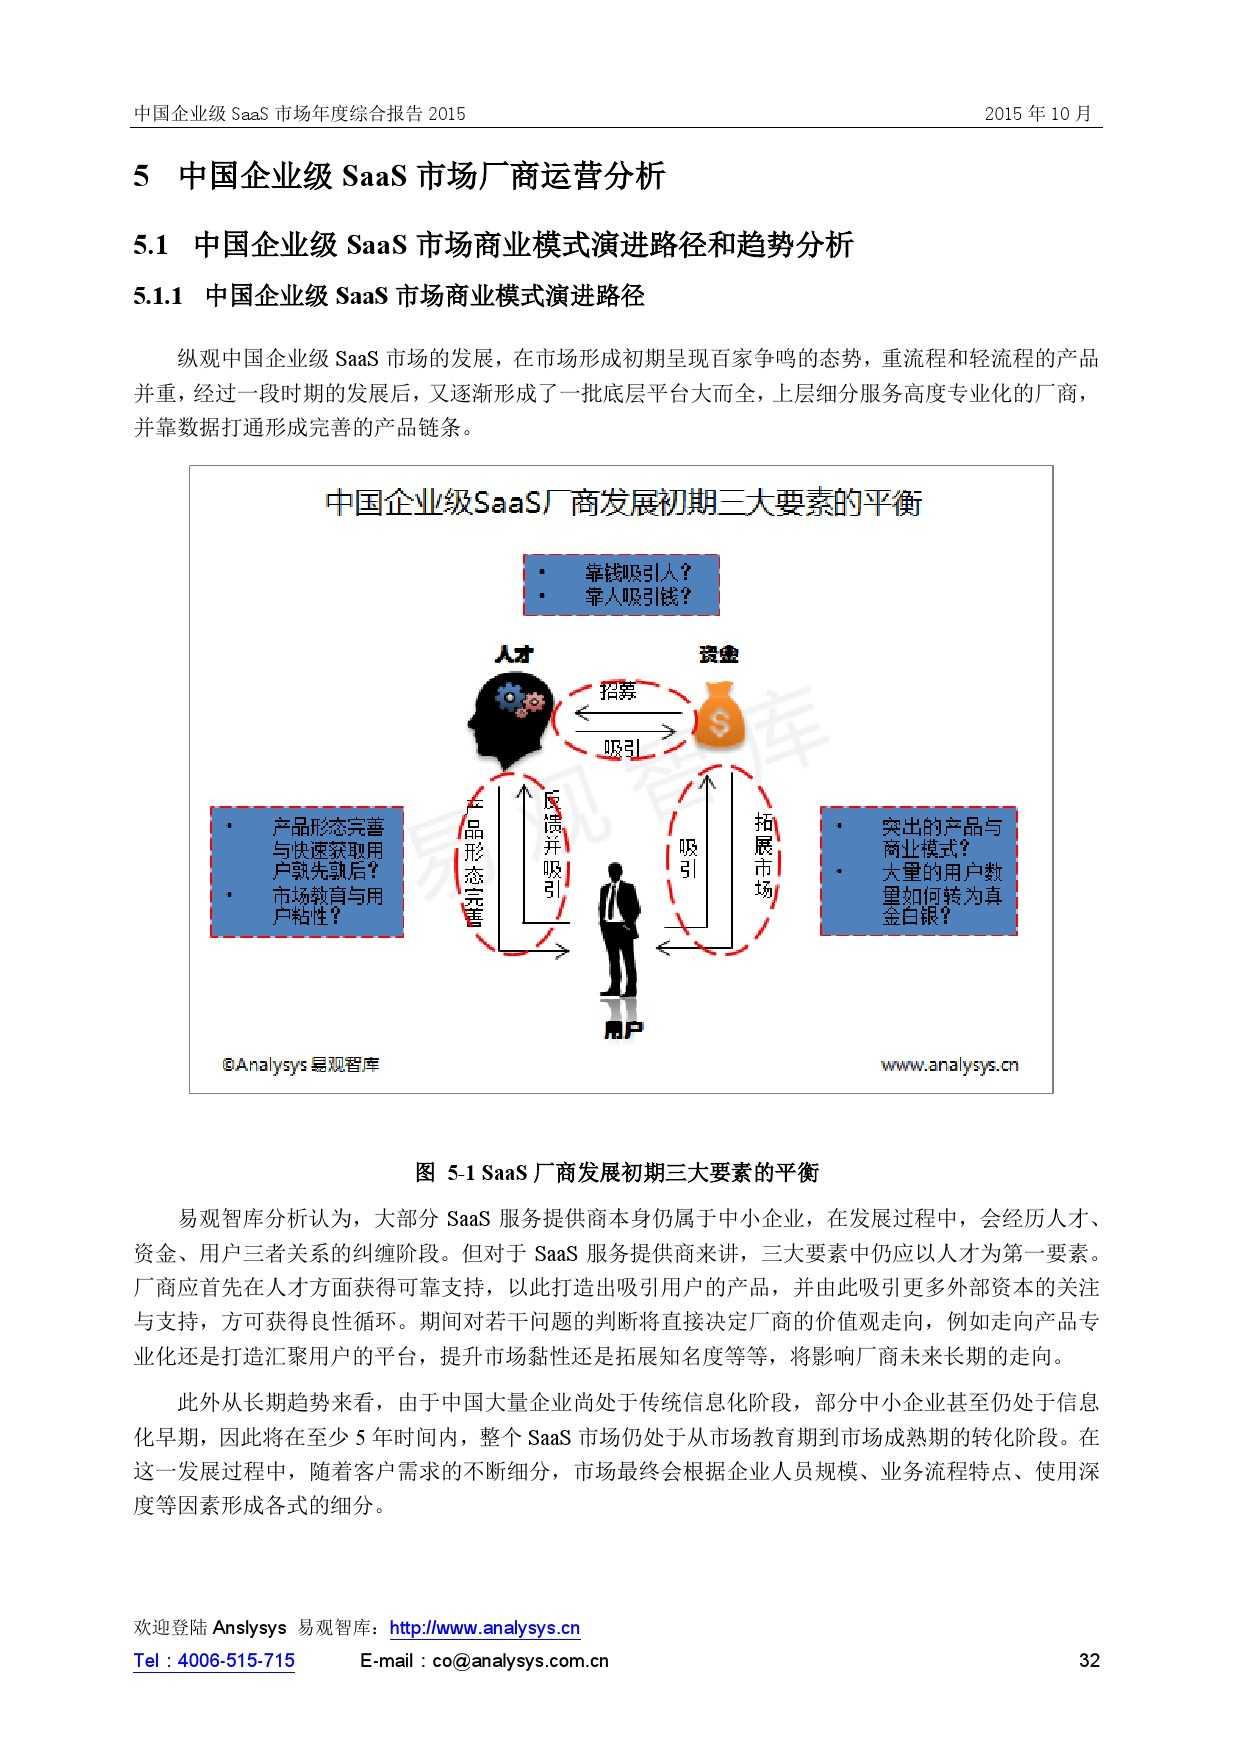 中国企业级SaaS市场年度综合报告2015 01_000032